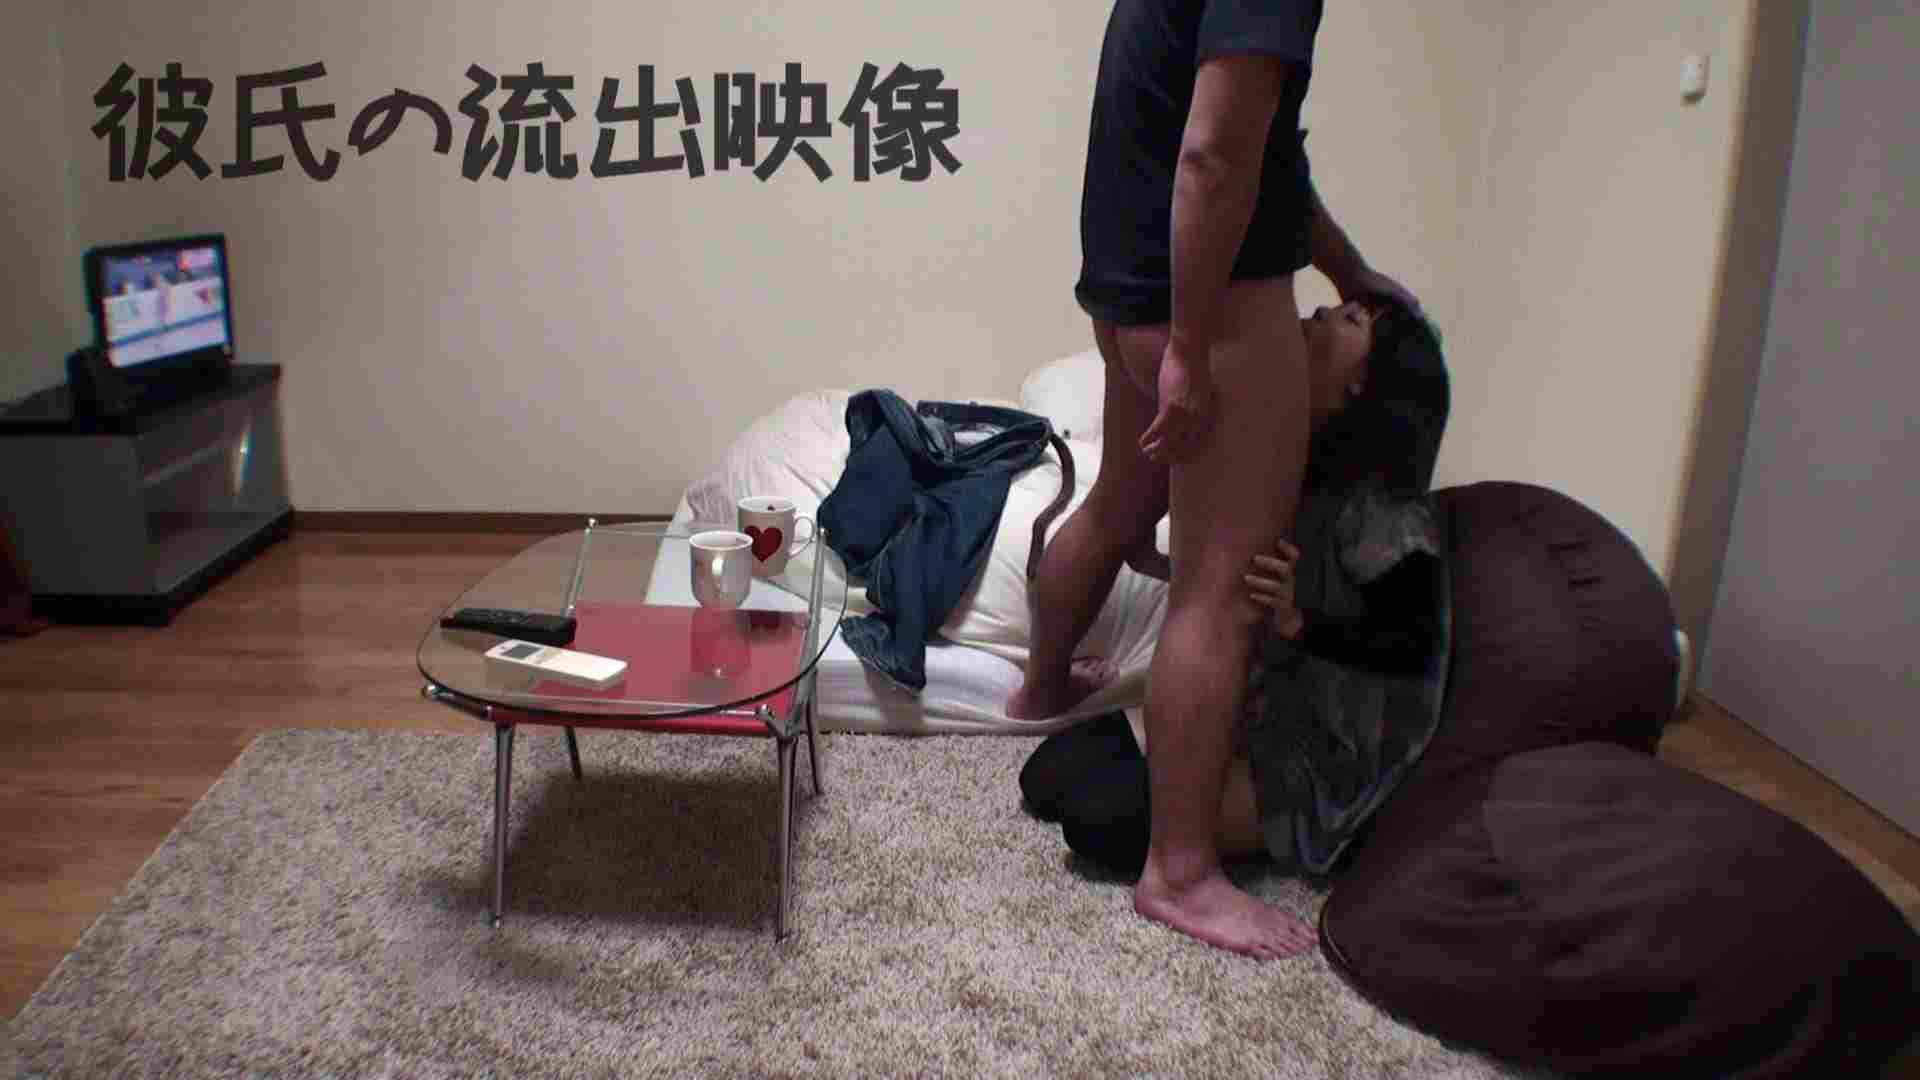 彼氏が流出 パイパン素人嬢のハメ撮り映像02 一般投稿 | ギャル達のSEX  61画像 10